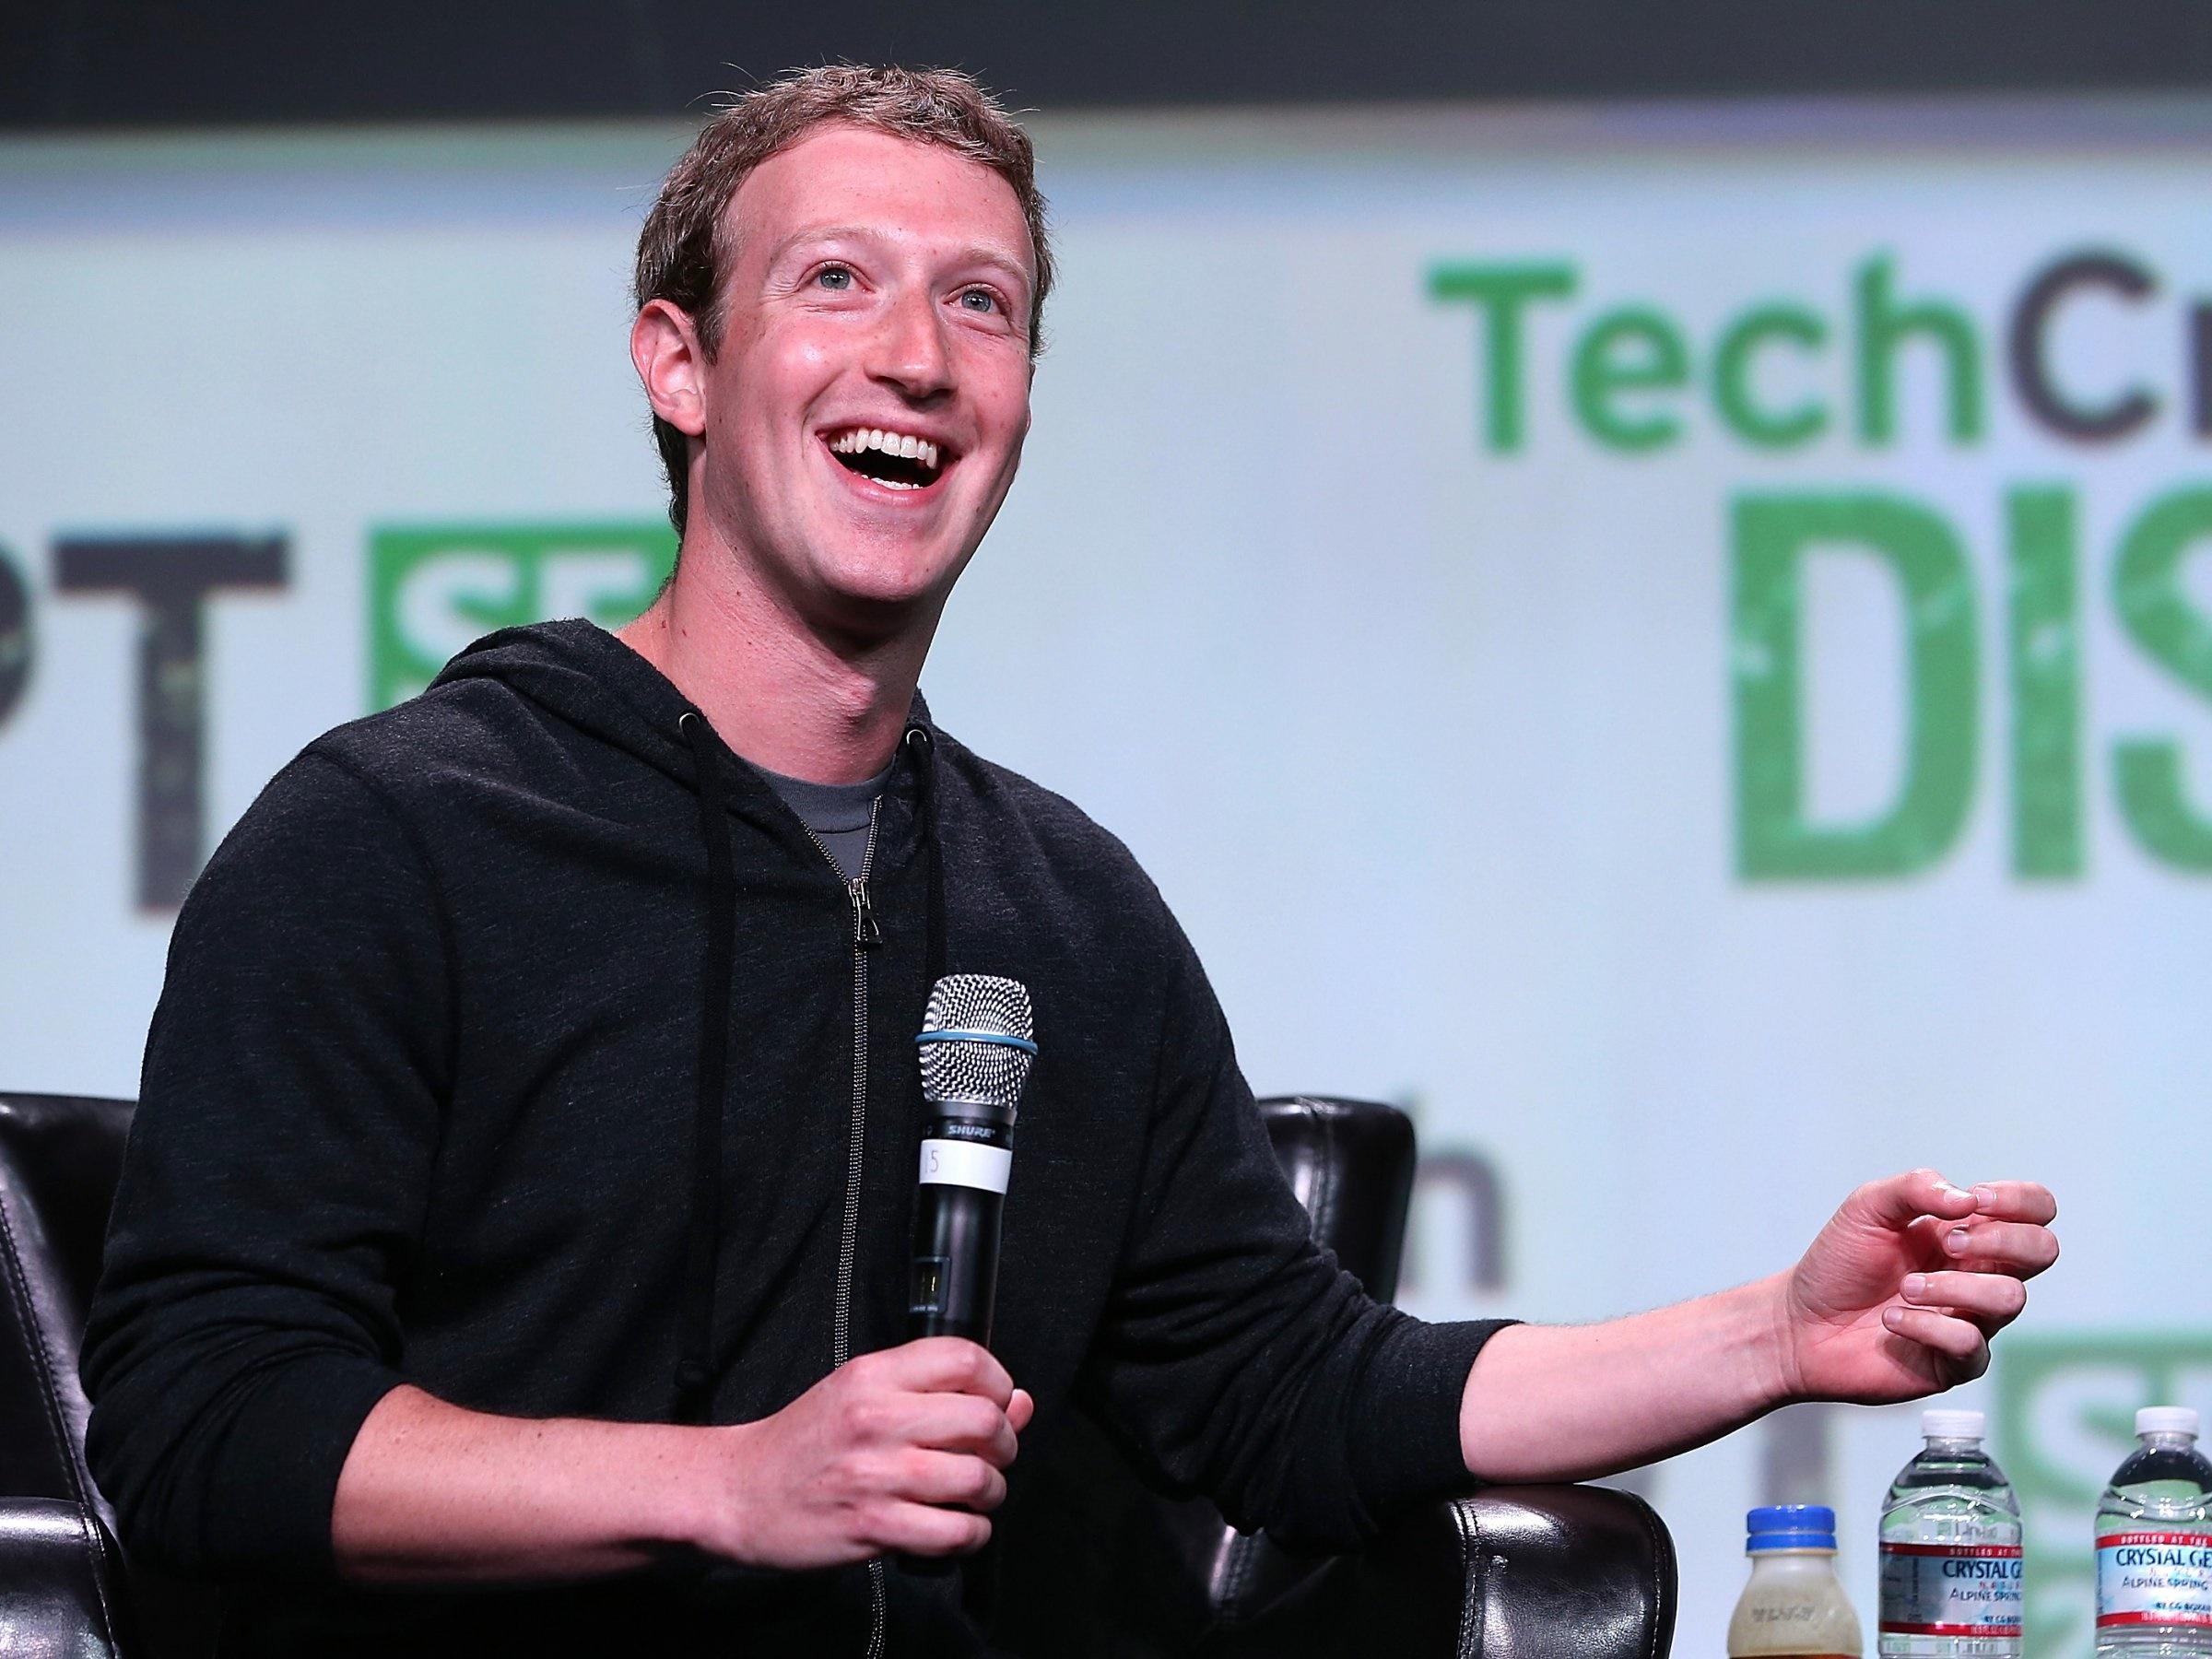 ۱۰ تیتر داغ دنیای آیتی از مبارزه عملی فیسبوک و گوگل با اخبار جعلی تا فروش آنلاین خودرو توسط آمازون